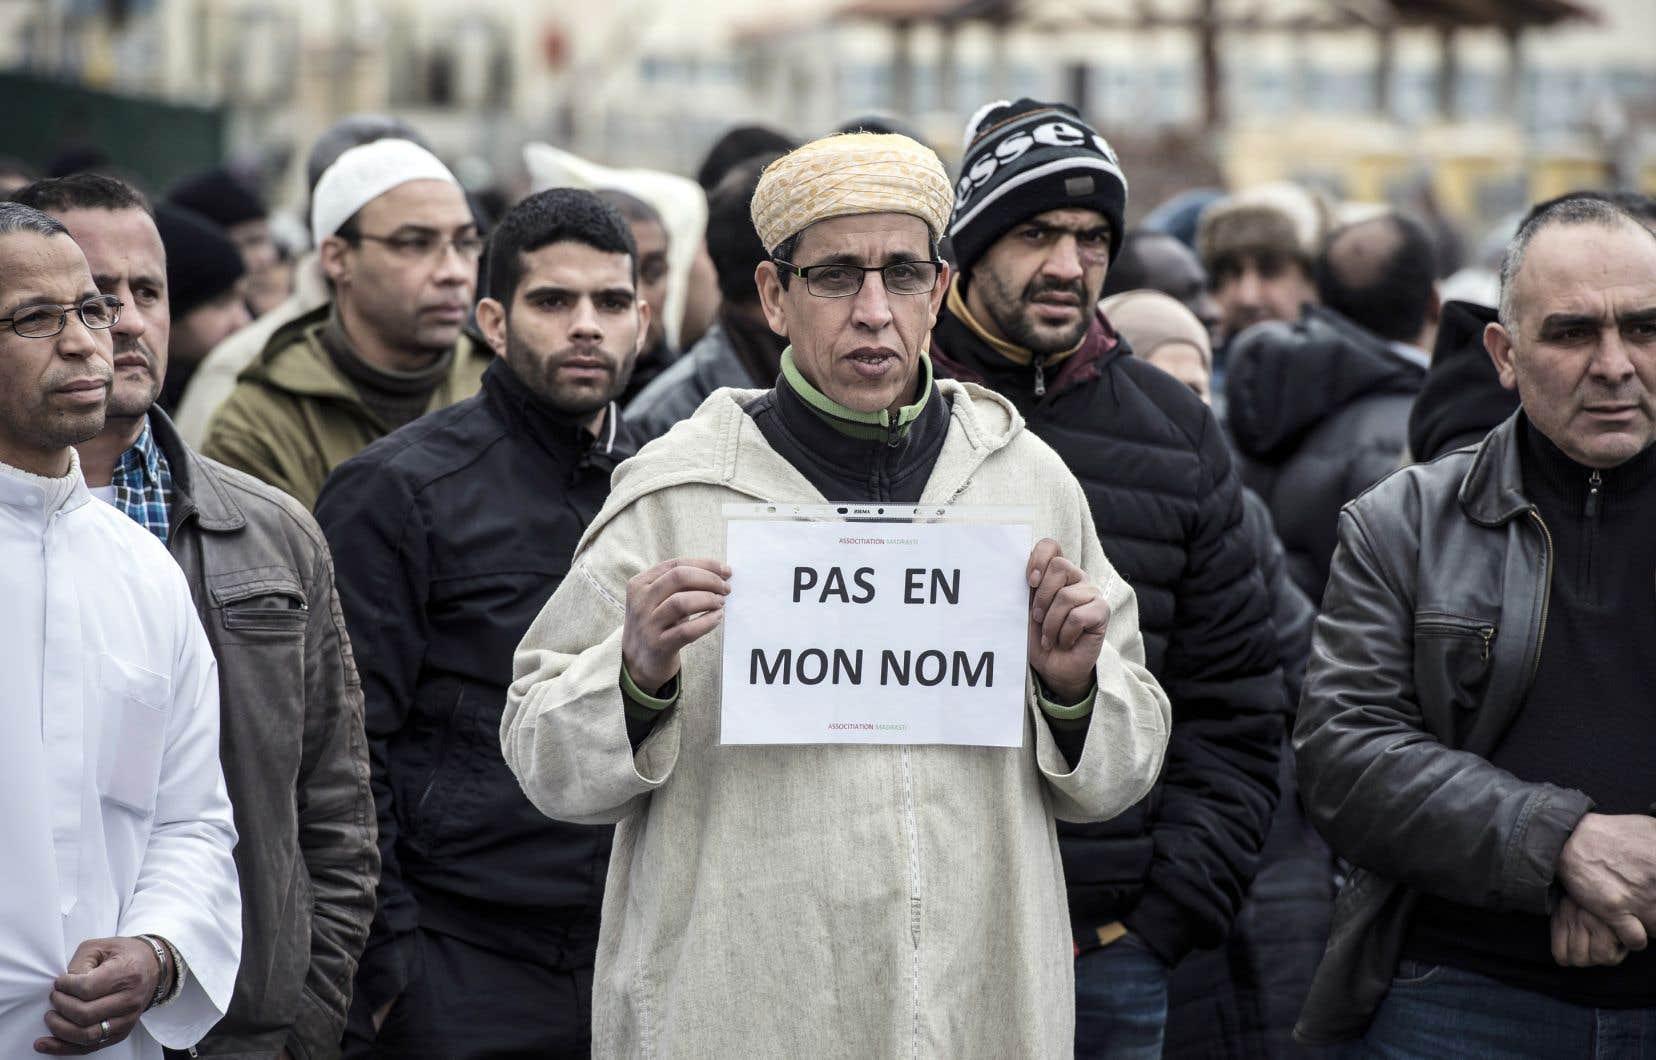 Selon l'auteur, il est fort probable qu'en occultant la réalité de l'islamisme, en refusant d'en discuter, on alimente la haine, les ressentiments qu'on prétend combattre. Et les victimes, comme toujours, seront les personnes innocentes, à commencer par la majorité des musulmans qui ne partagent pourtant pas cette vision extrémiste de l'islam.